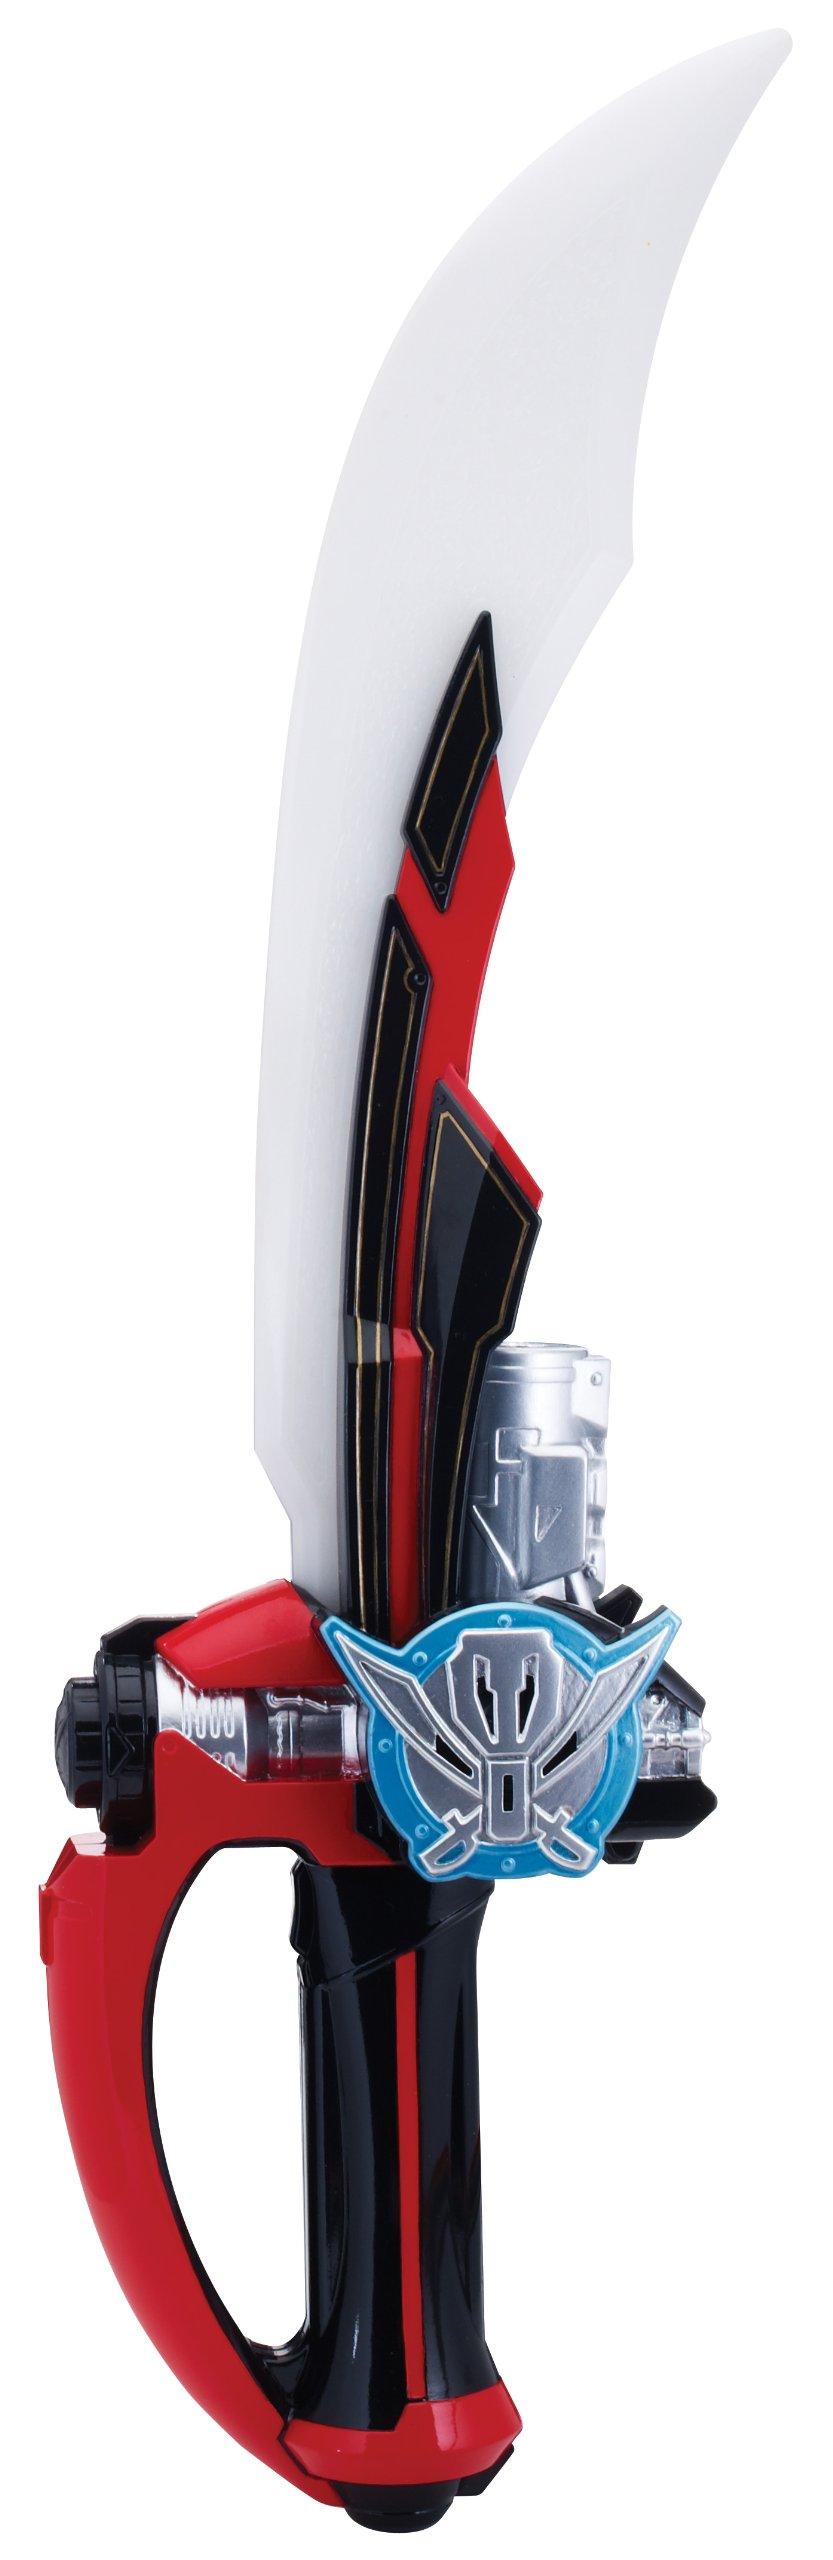 Power Rangers Super Megaforce - Deluxe Super Mega Saber